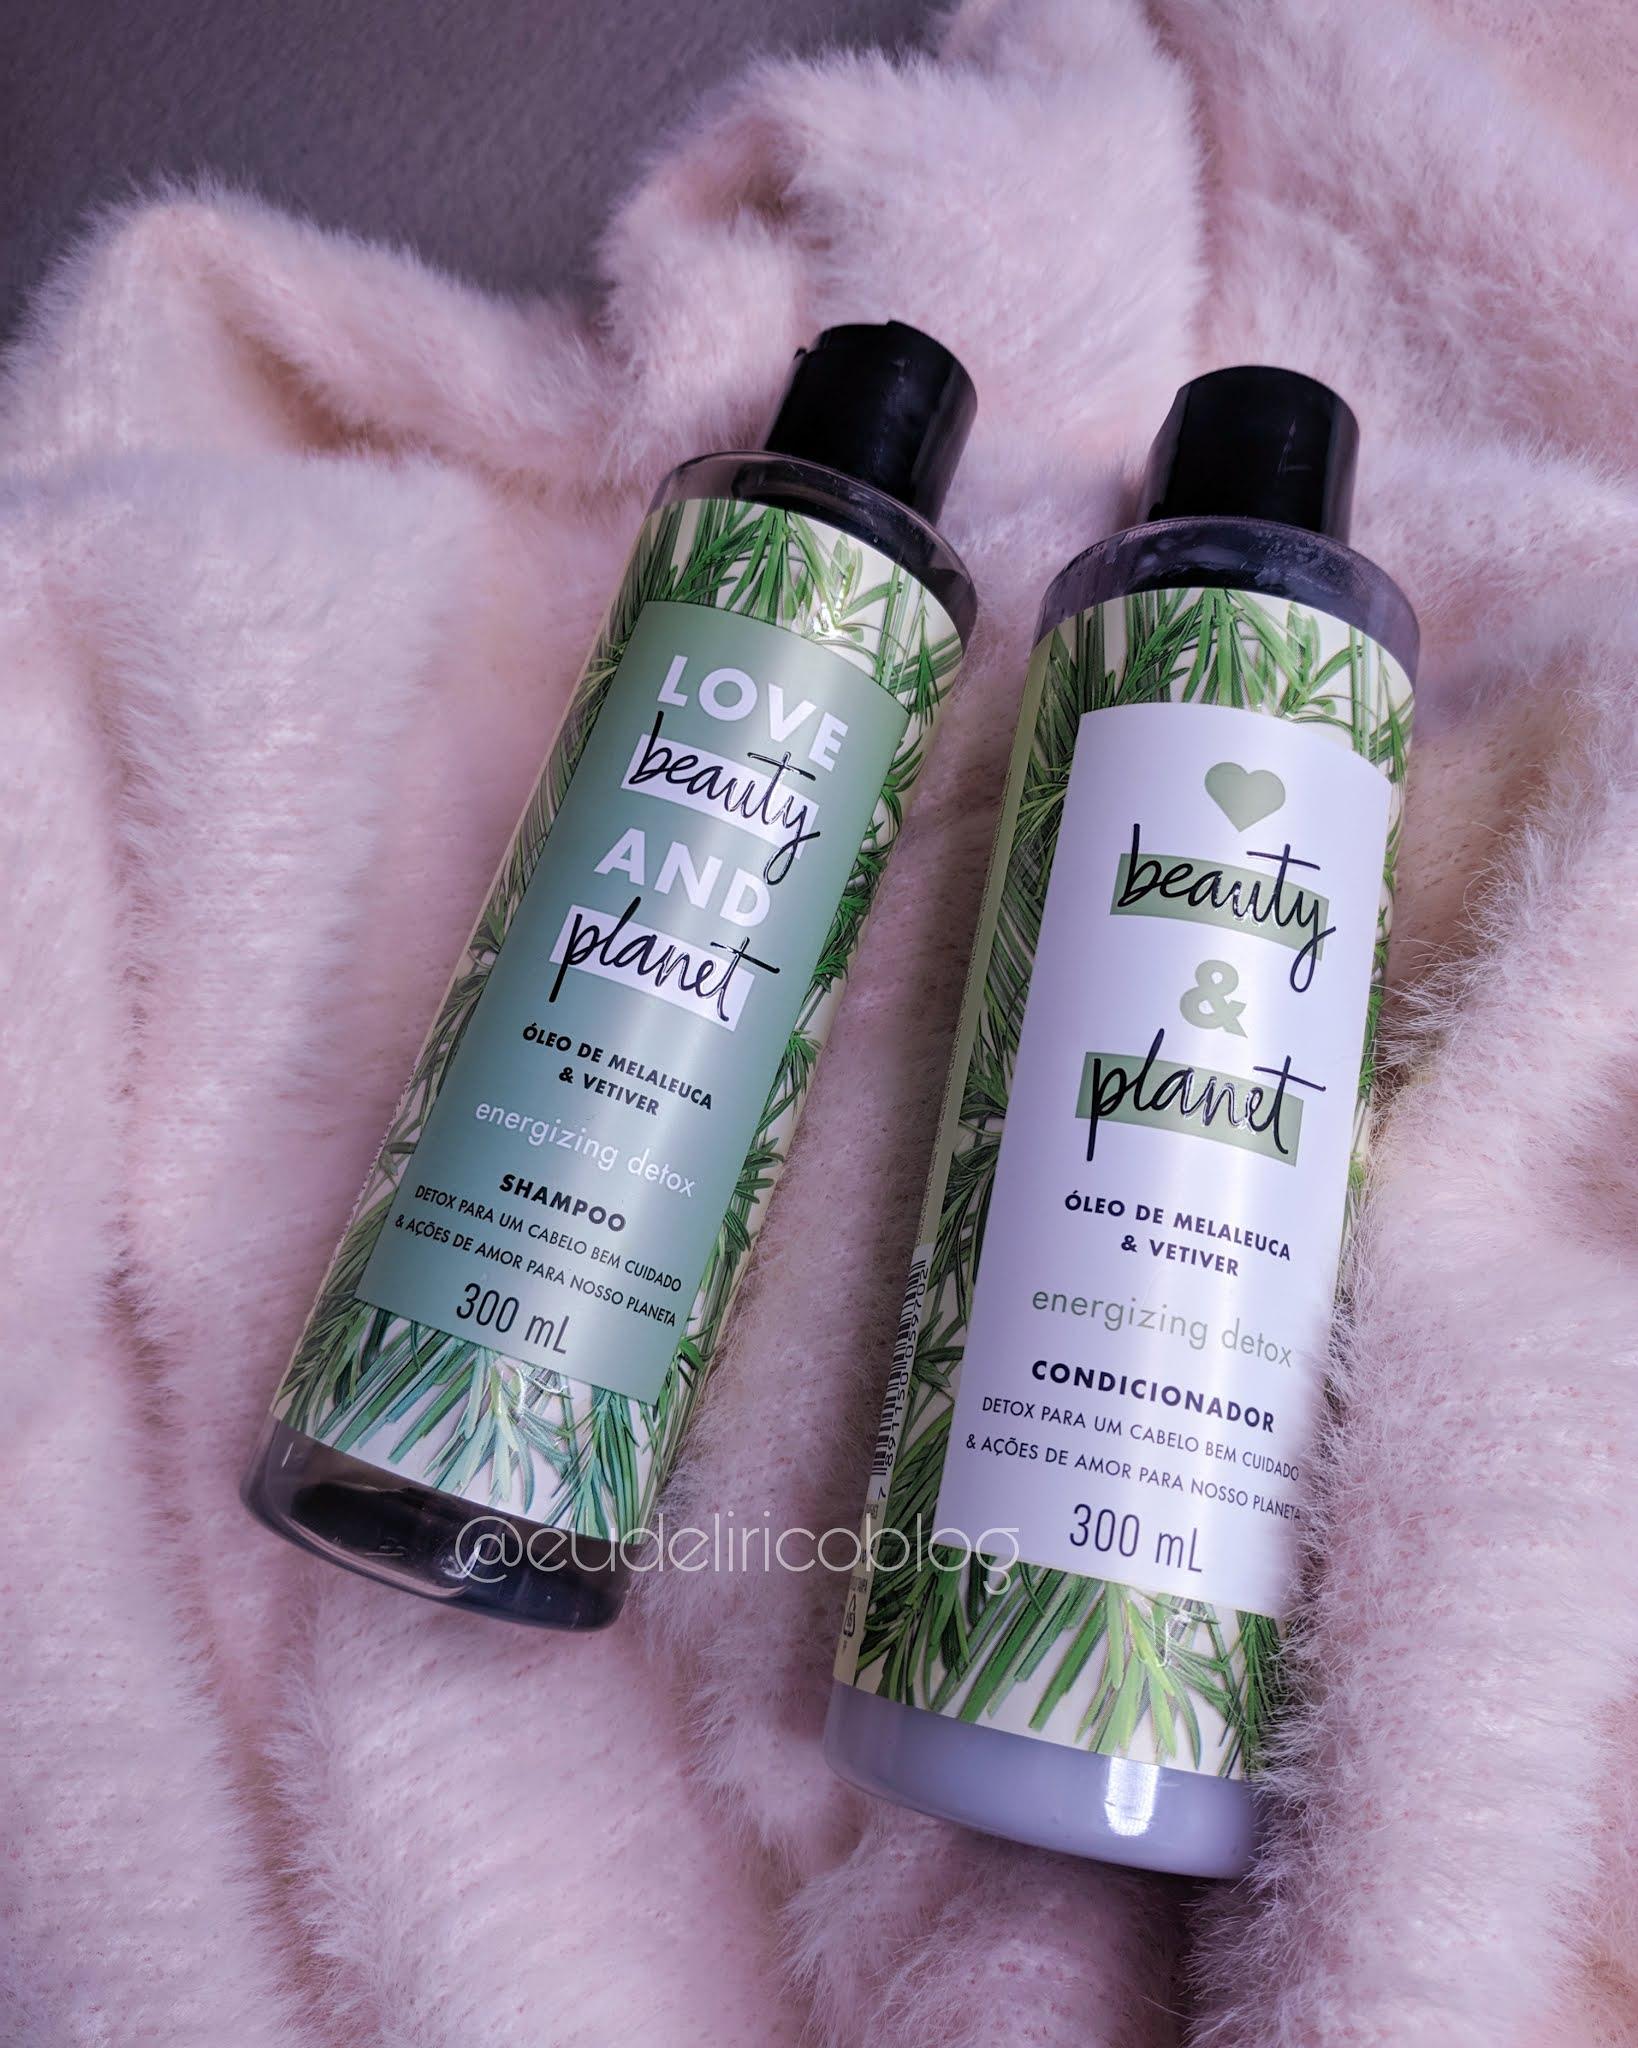 Shampoo e Condicionador com Óleo de Melaleuca & Vetiver da Love Beauty and Planet